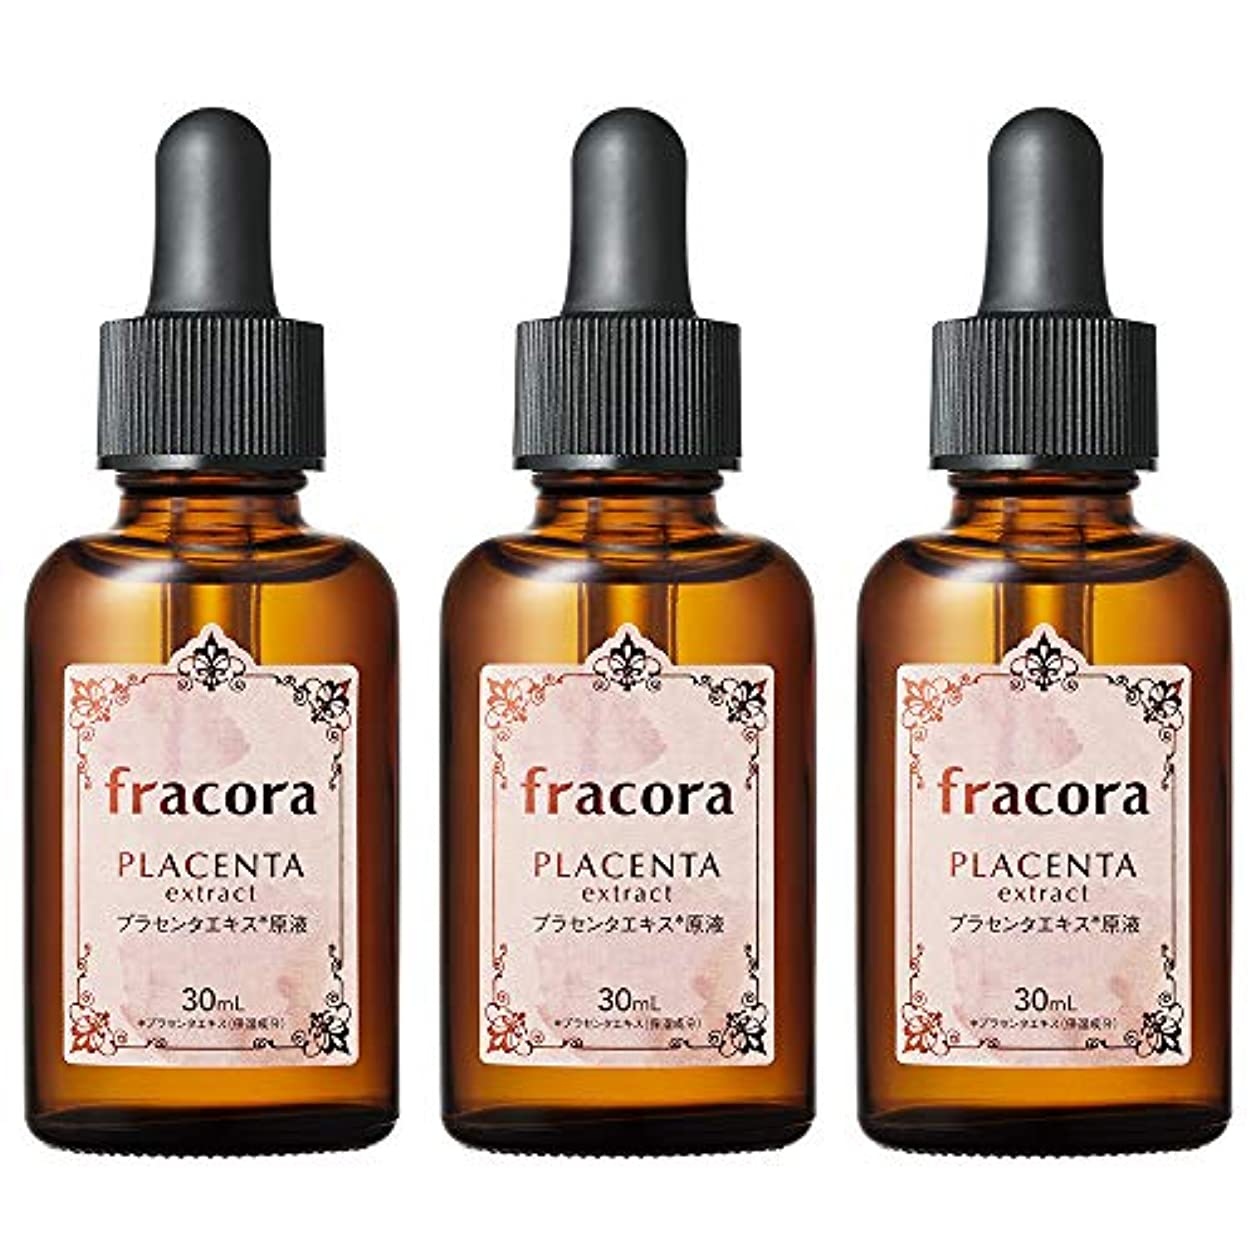 謝罪する移住する水平フラコラ fracora プラセンタエキス原液 30mL (3本セット)